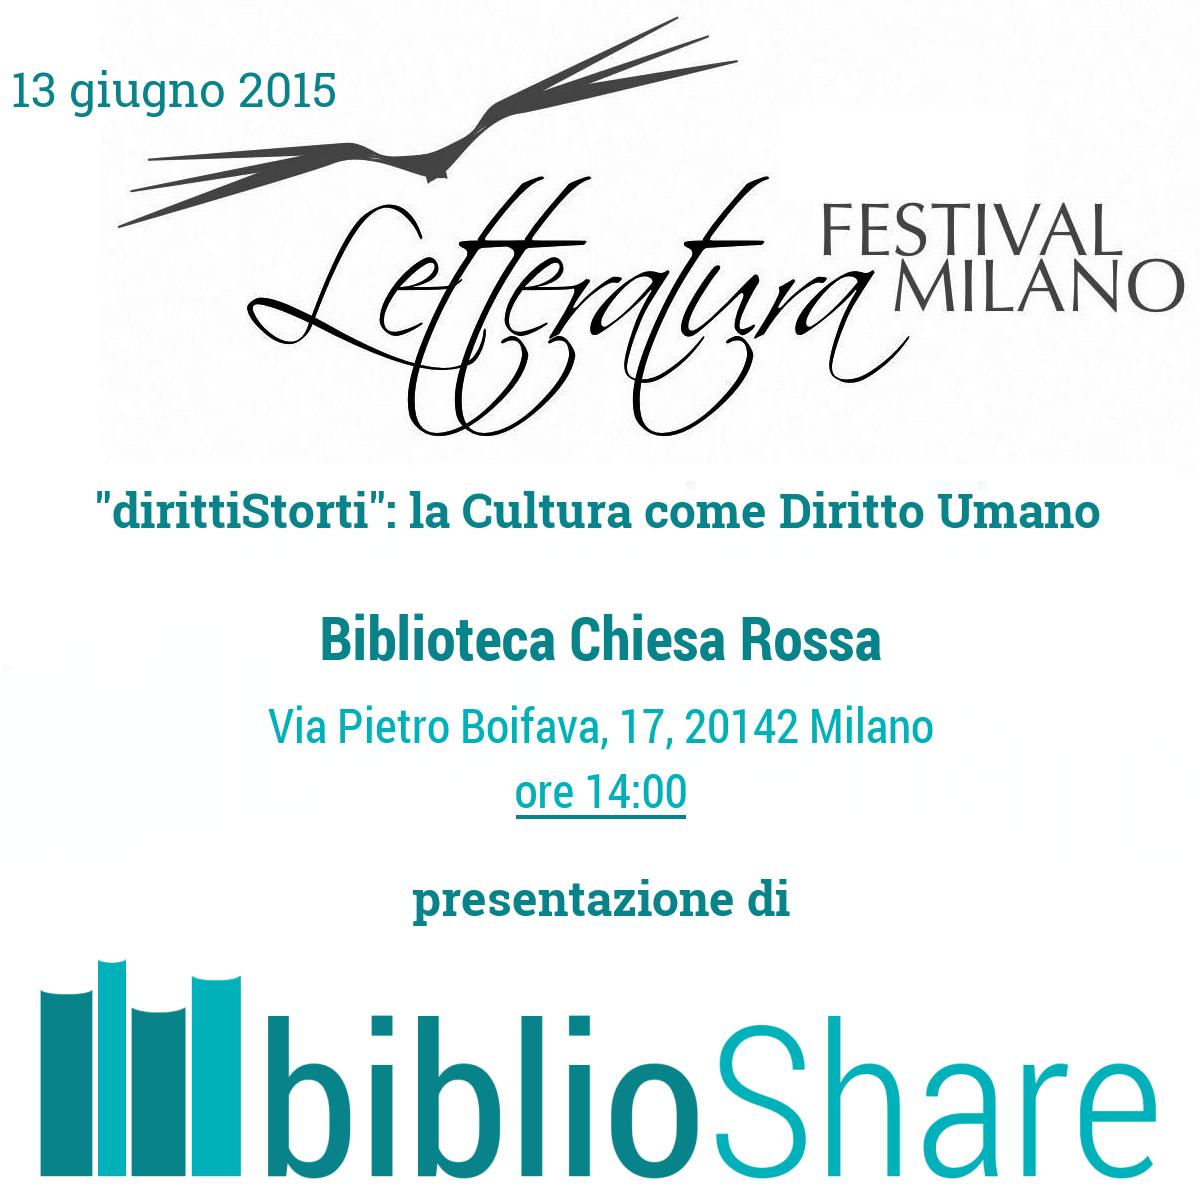 Festival della Letteratura 2015